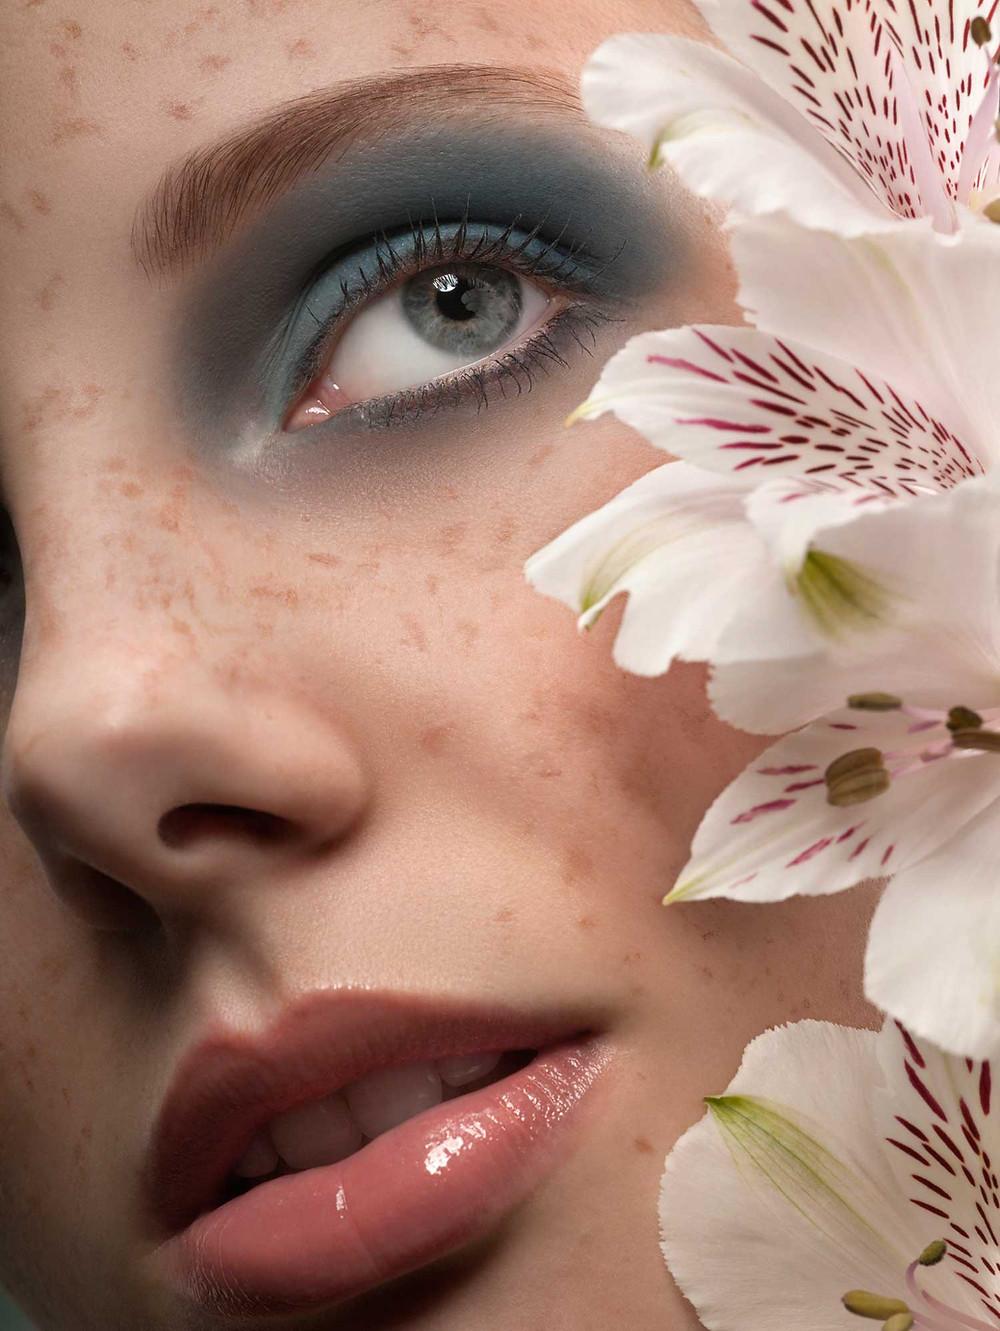 אז איך יראה האיפור שלנו החג הזה ? המראה שאני בחרתי לשבועות הוא איפור בצבעים פסטלים וזוהרים זהו איפור עדין ונקי שמדגיש את תווי הפנים ומשלים את המראה עם שמלה לבנה וחגיגית.